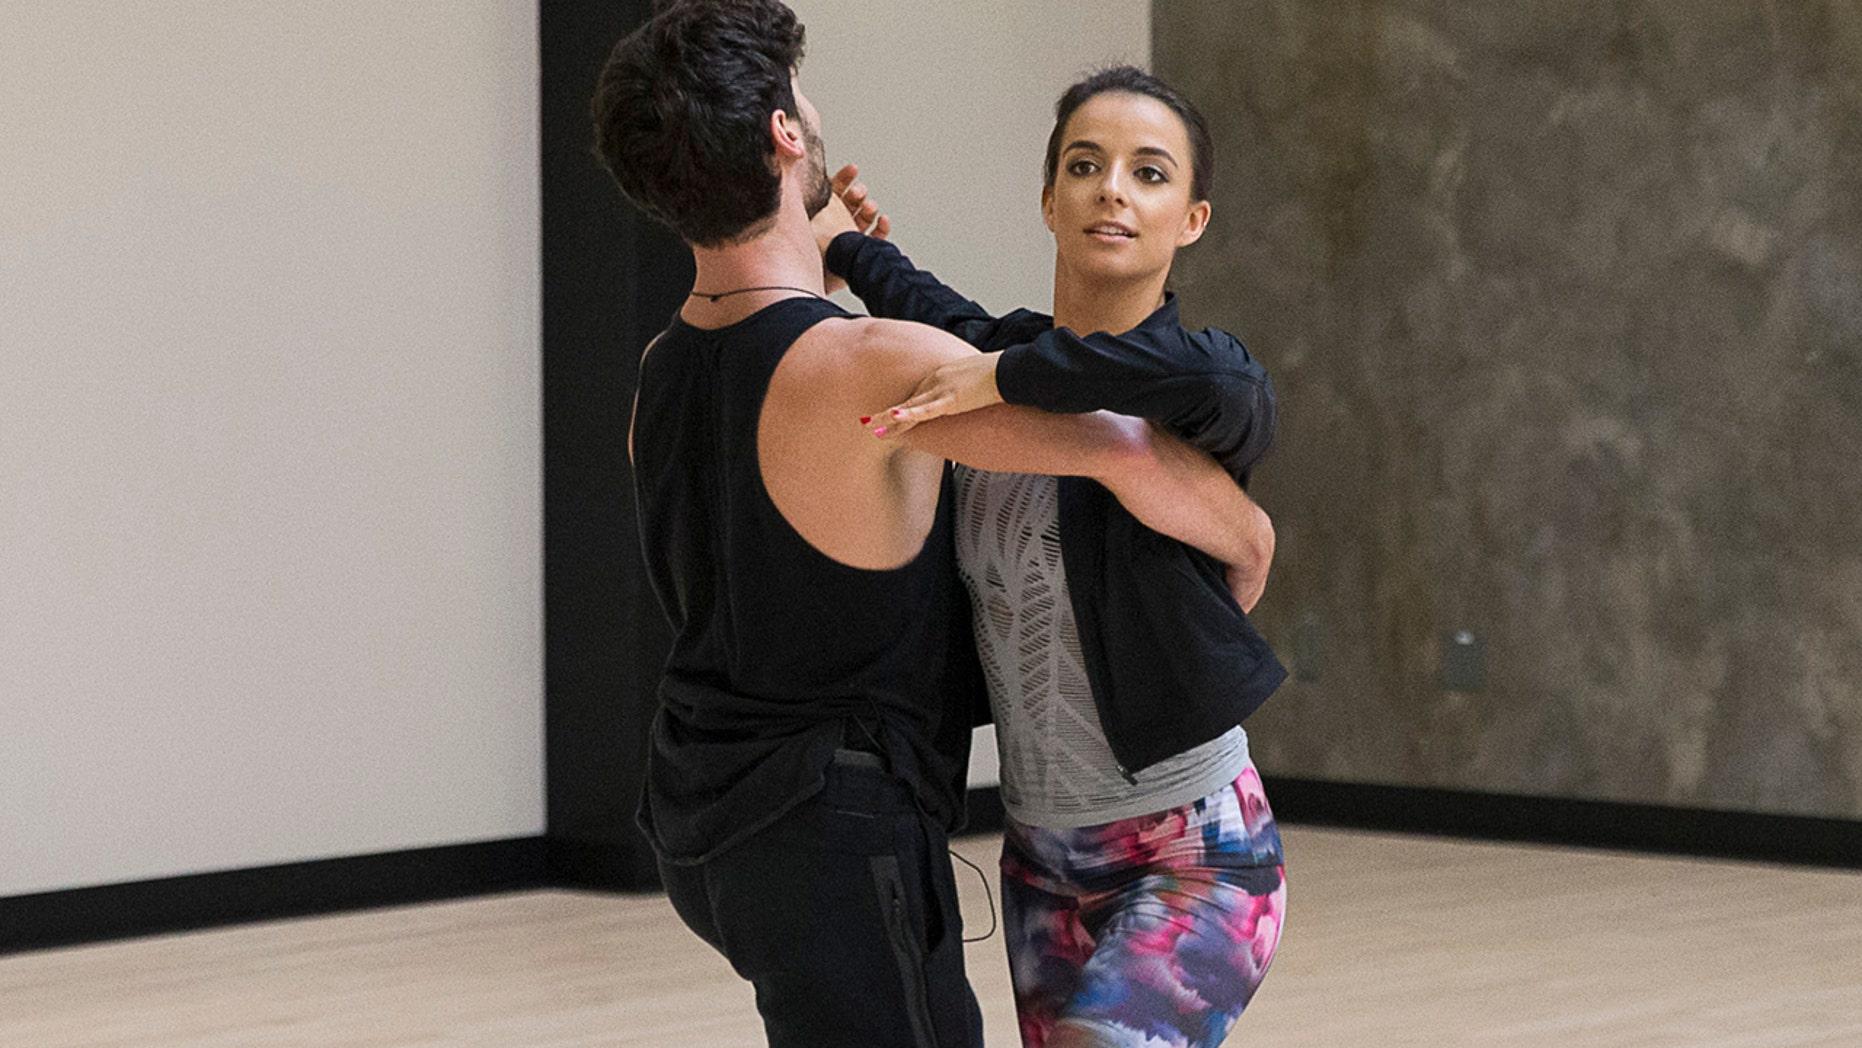 """Victoria Arlen practices her dance routine with her """"DWTS"""" partner Valentin Chmerkovskiy."""